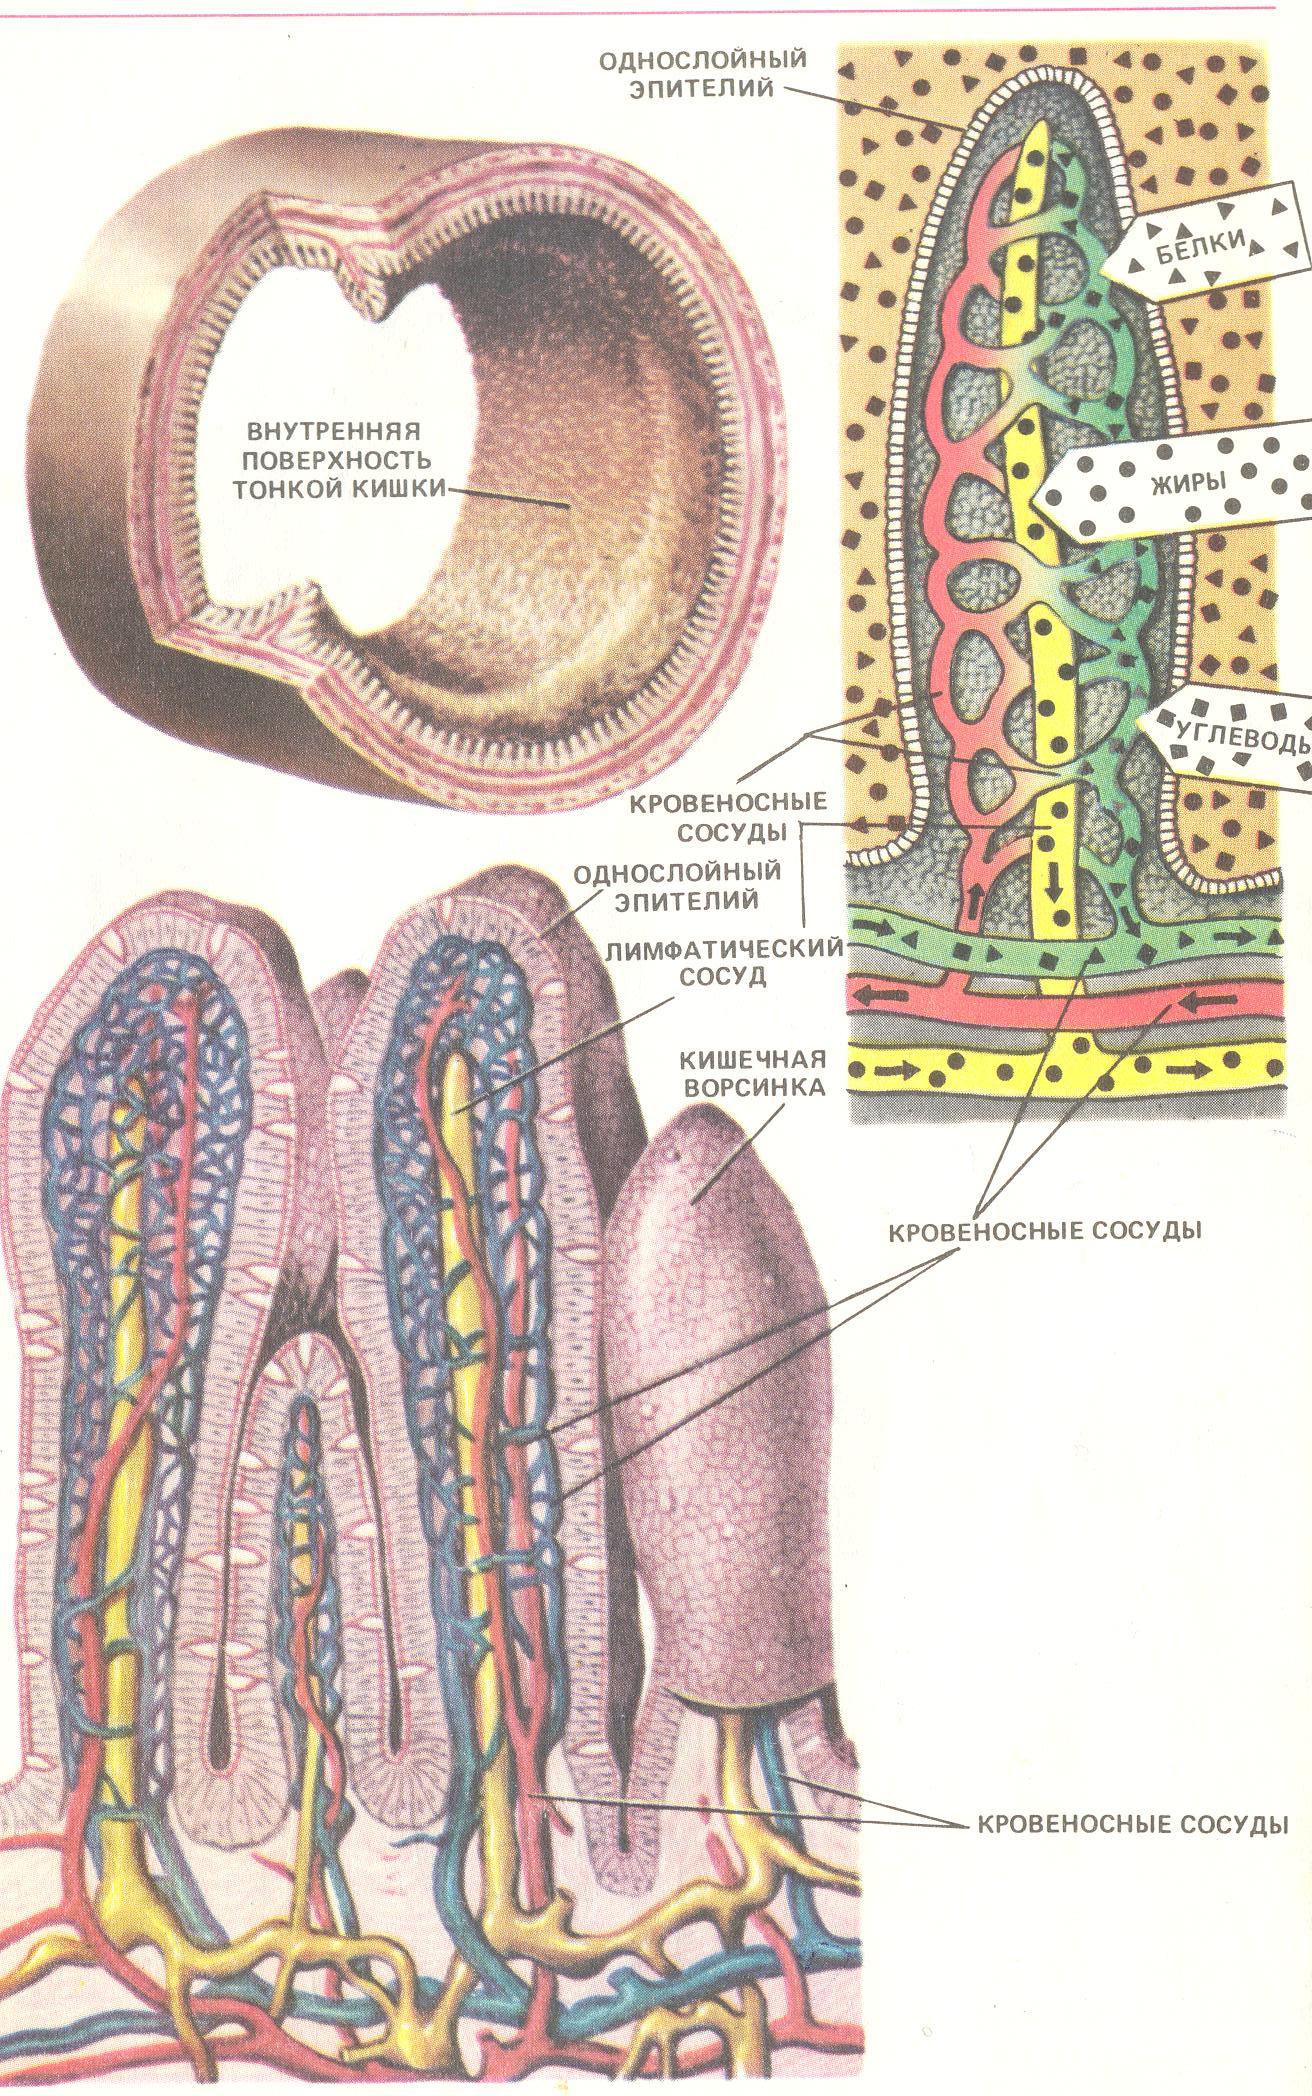 Схема строения ворсинки тонкой кишки